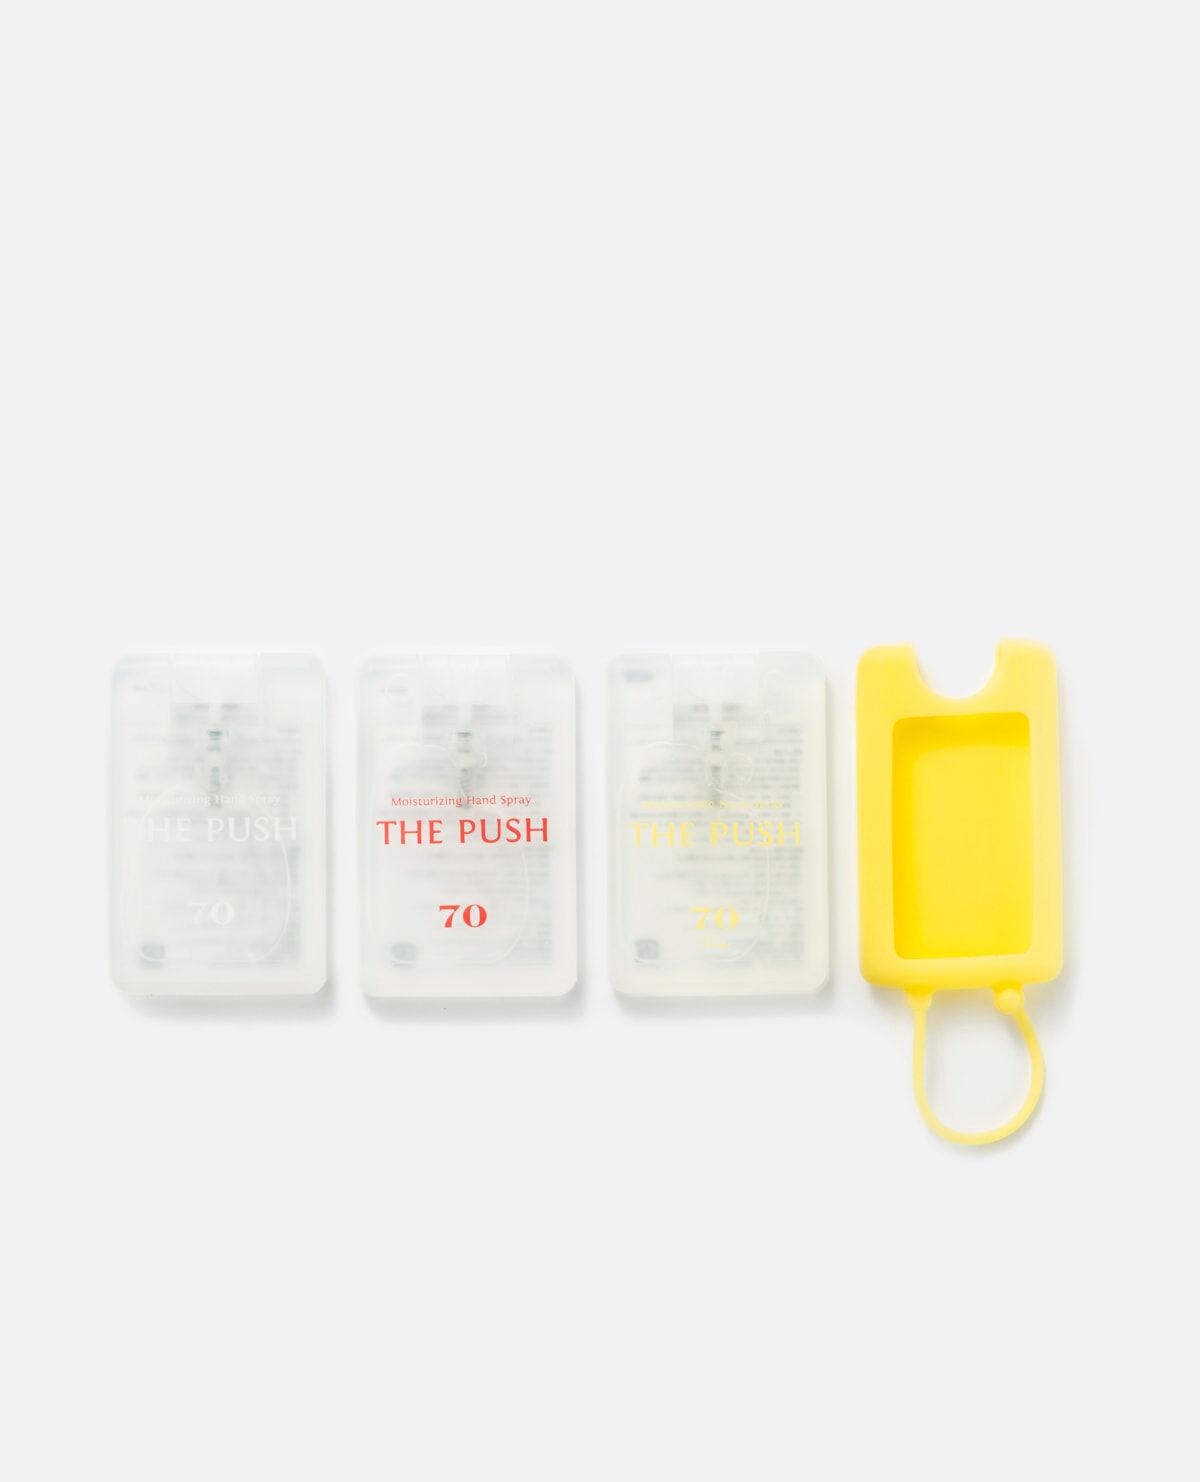 ムードマーク 限定 除菌 スプレー セット イエロー